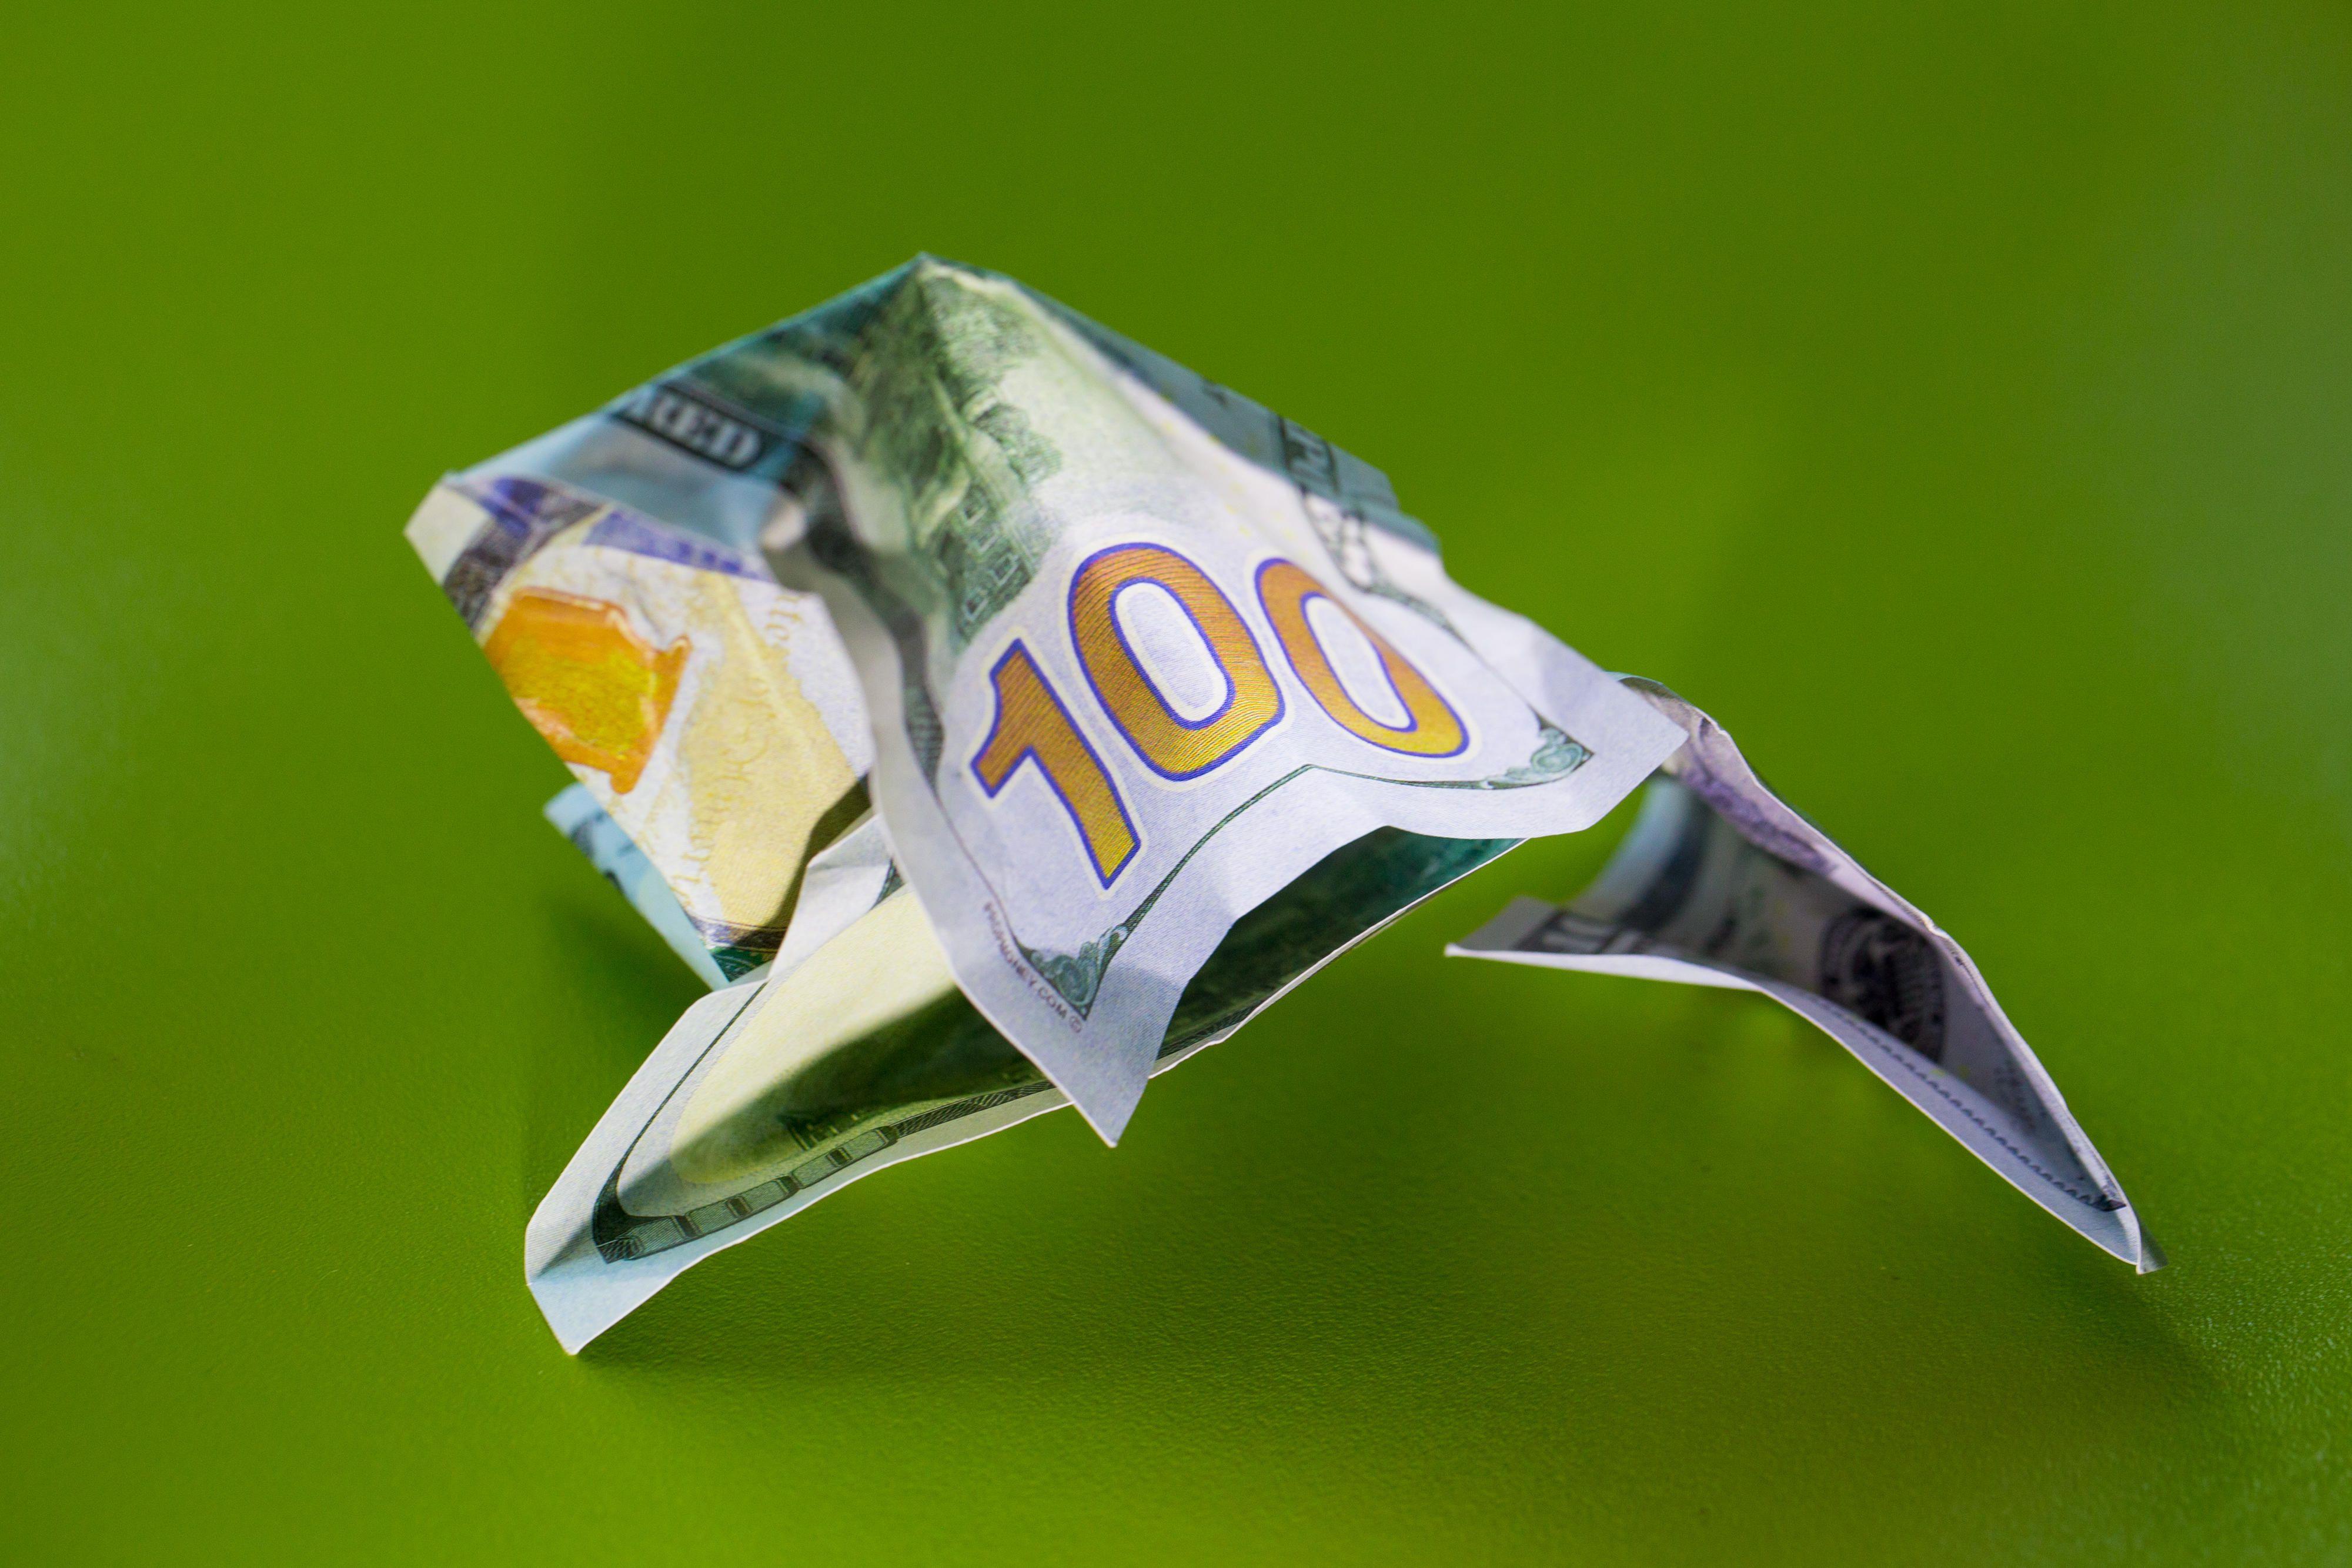 Dollars - money - bills of exchange - currencies -3